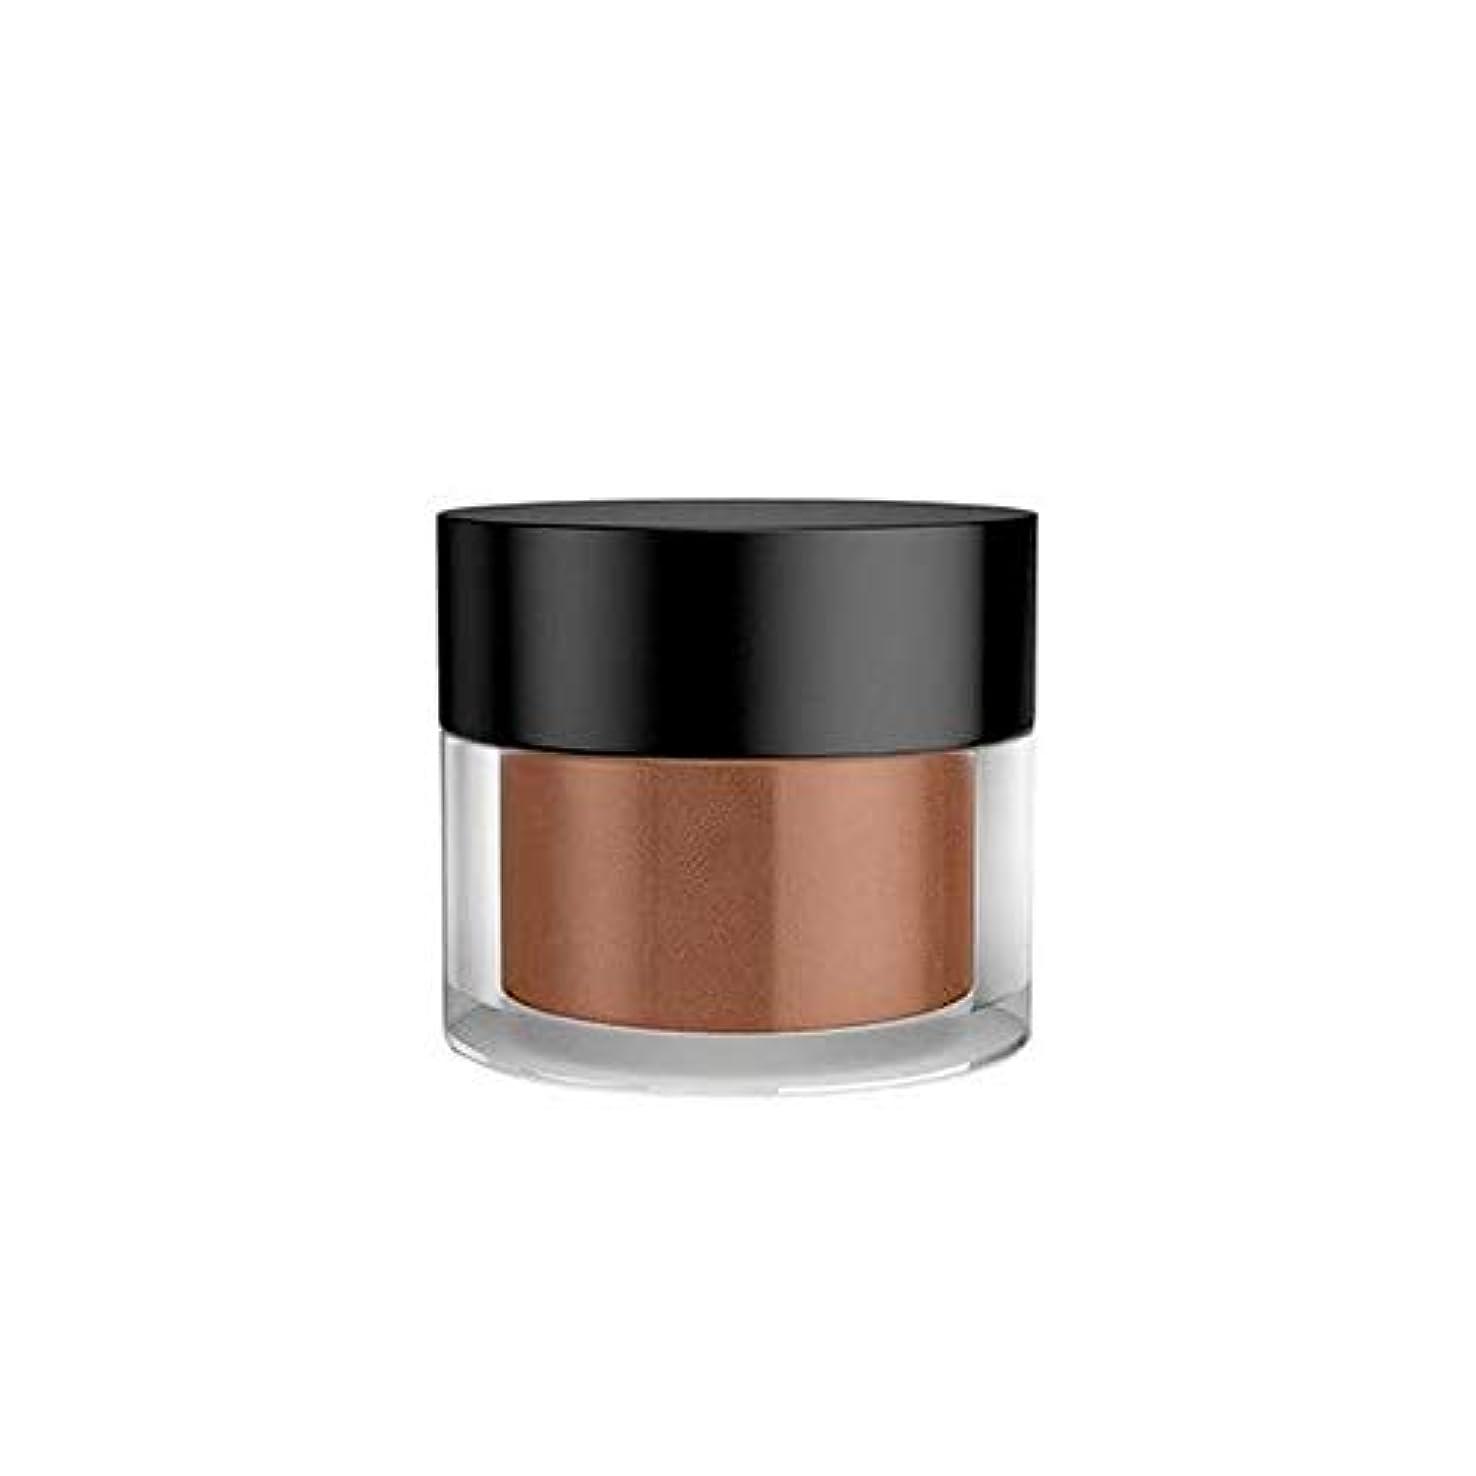 規則性フォーク液体[GOSH ] おやっエフェクトパウダーミンク003 - Gosh Effect Powder Mink 003 [並行輸入品]